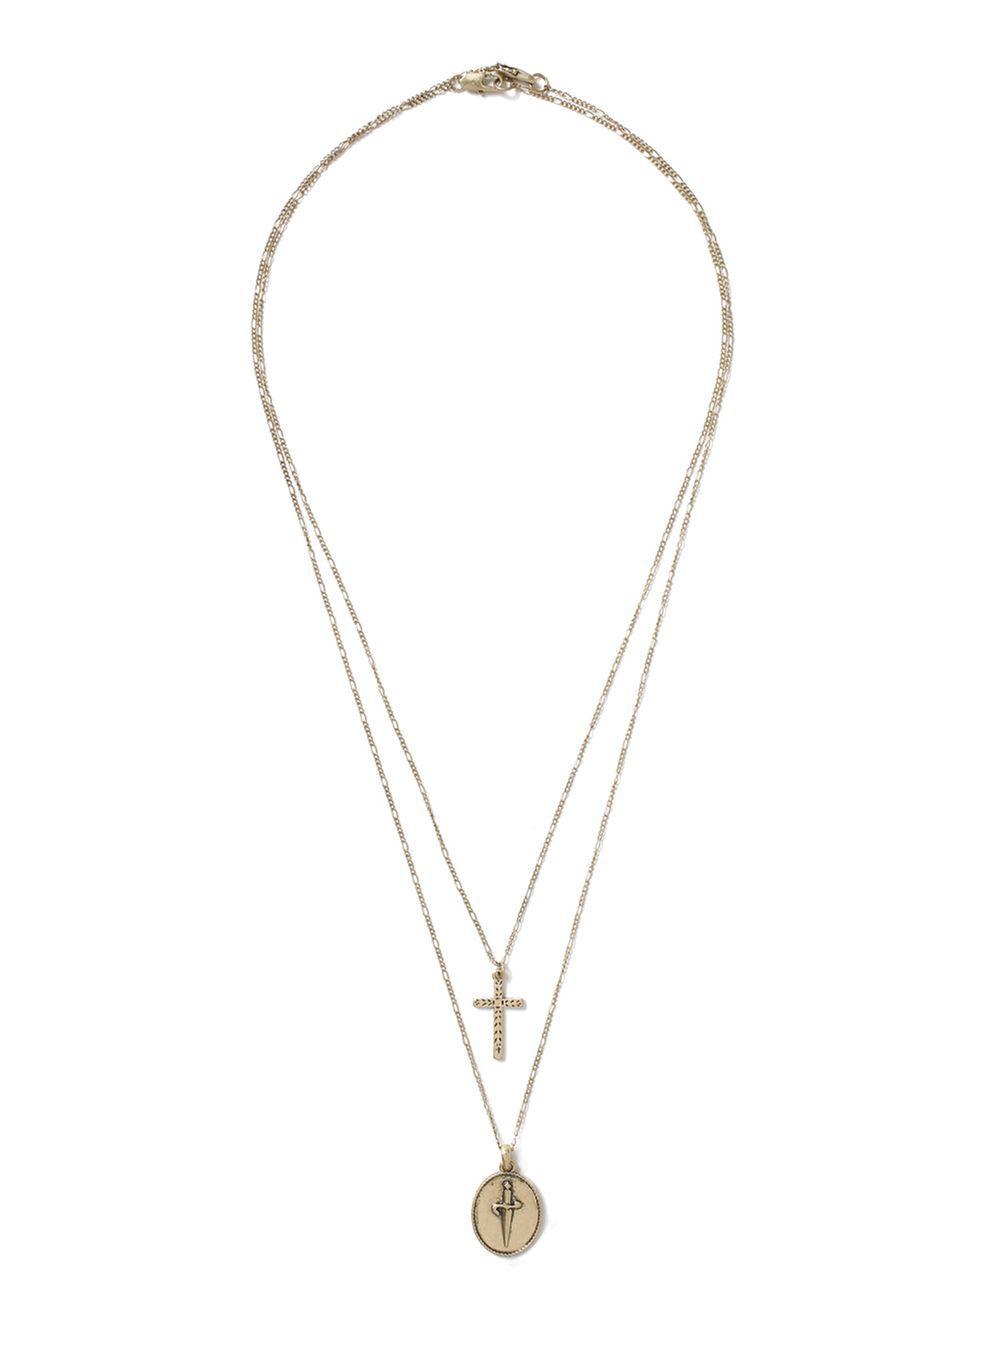 MyriamSOS Os & Xs Cross Necklace I2k2Ua6